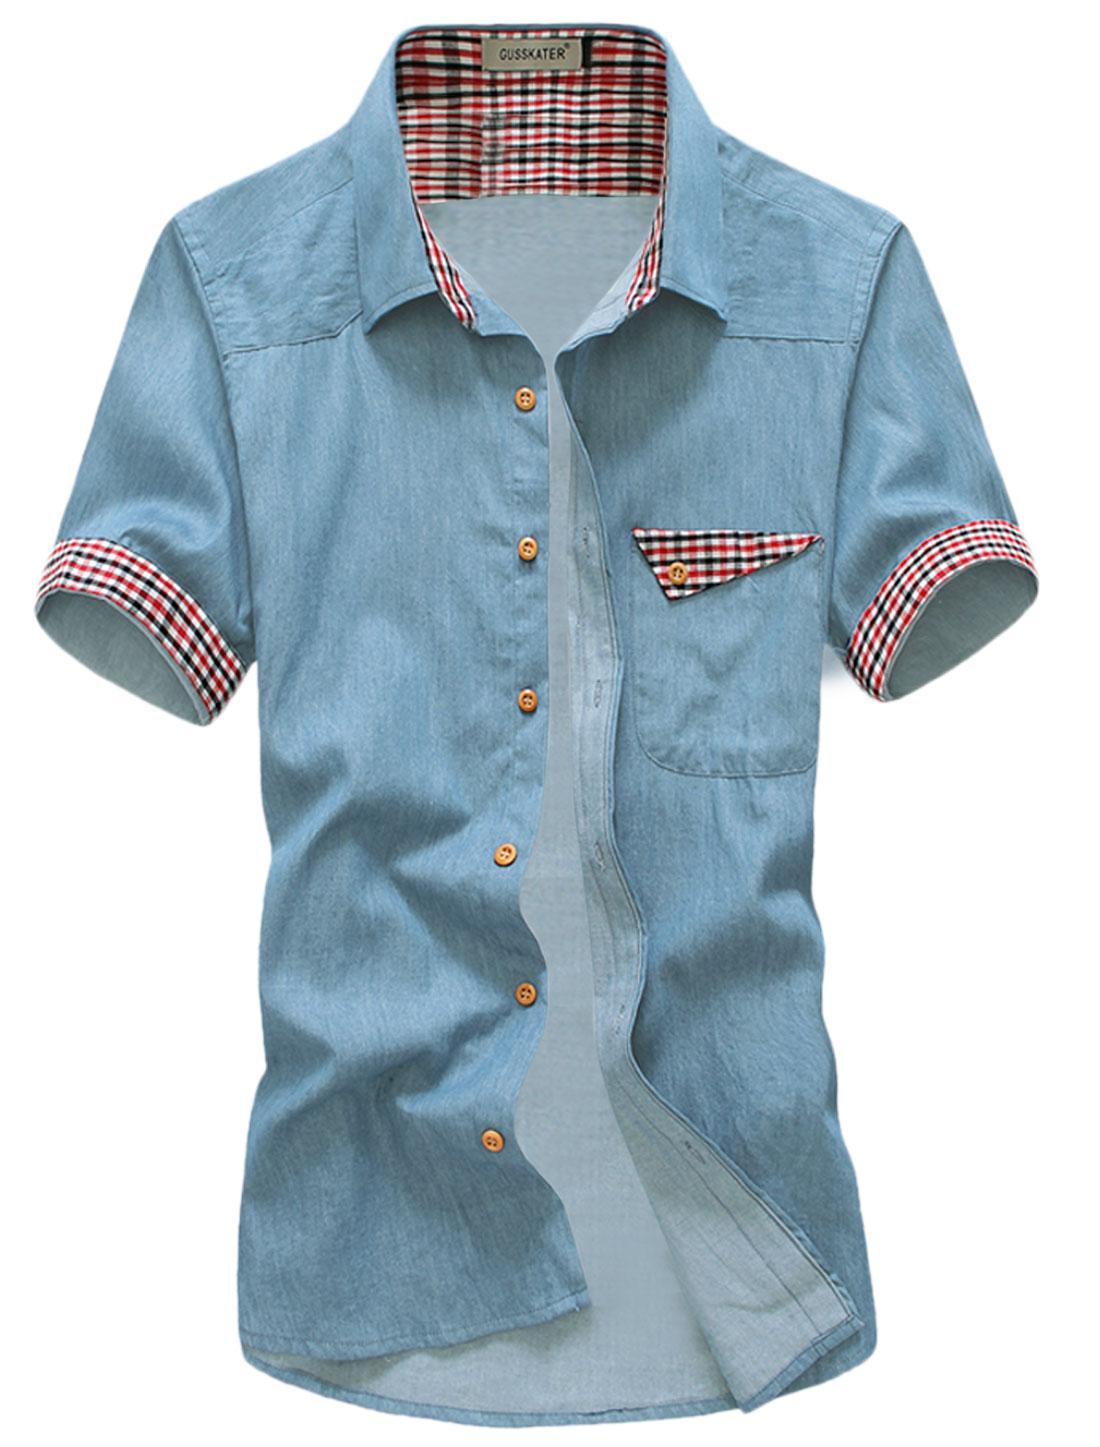 Men Button Up Short Sleeve Point Collar Pocket Casual Shirt Sky Blue M